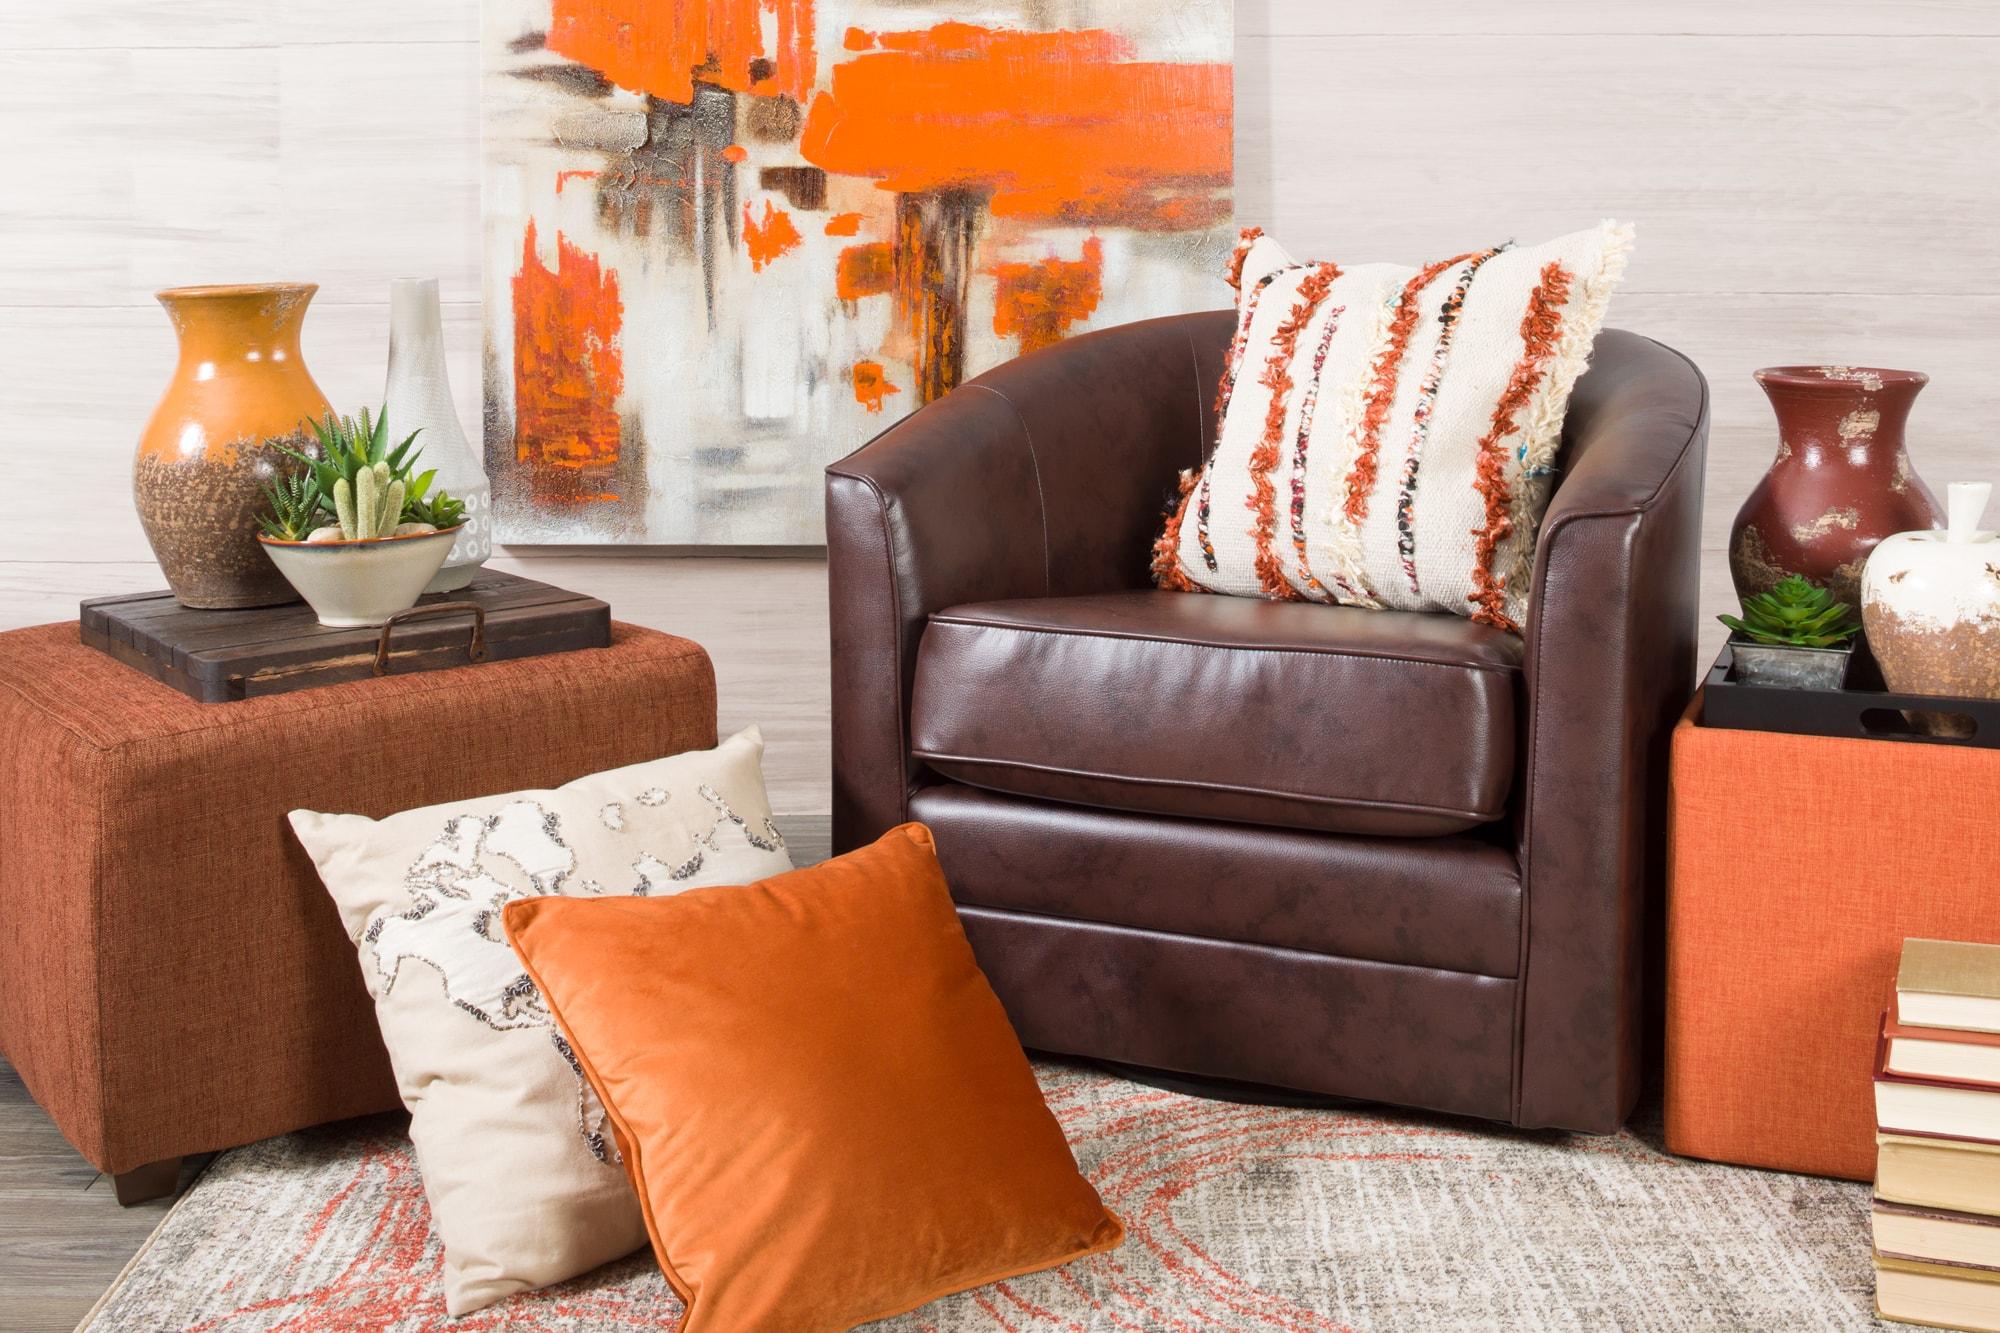 Monochromatic orange room